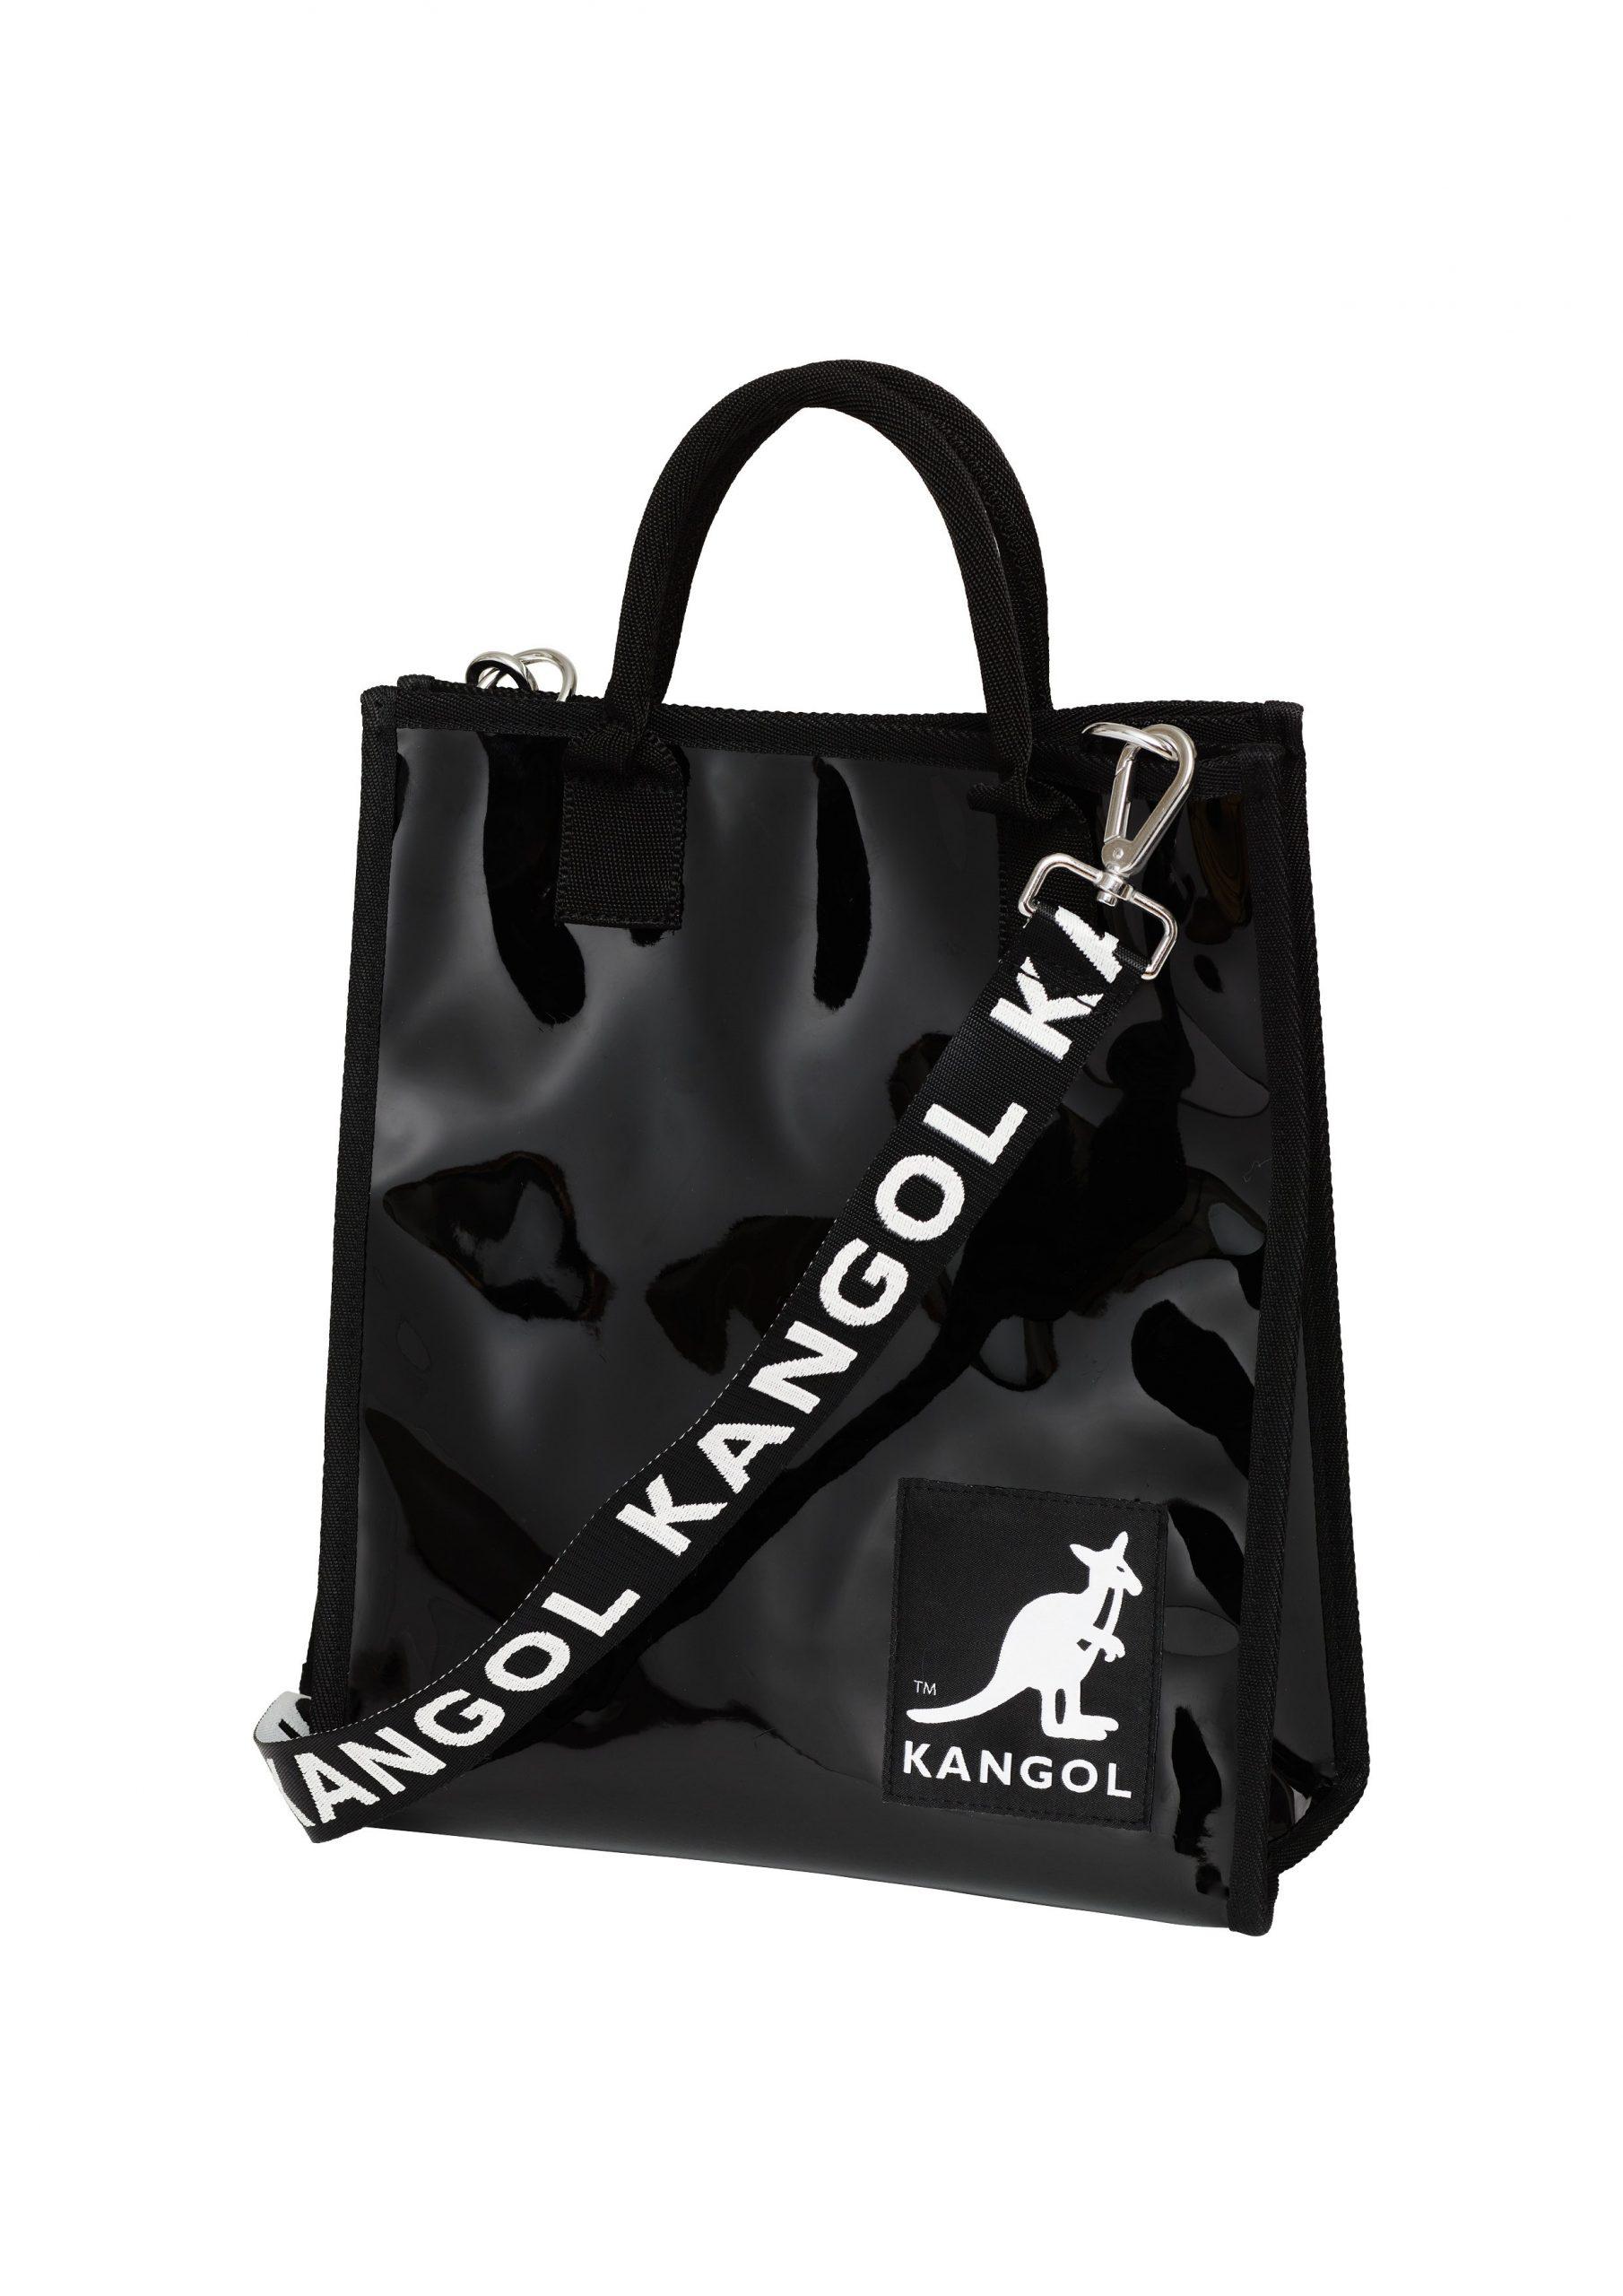 携手英国品牌 Kangol,H&M 即将推出全新联名系列 - NOWRE现客